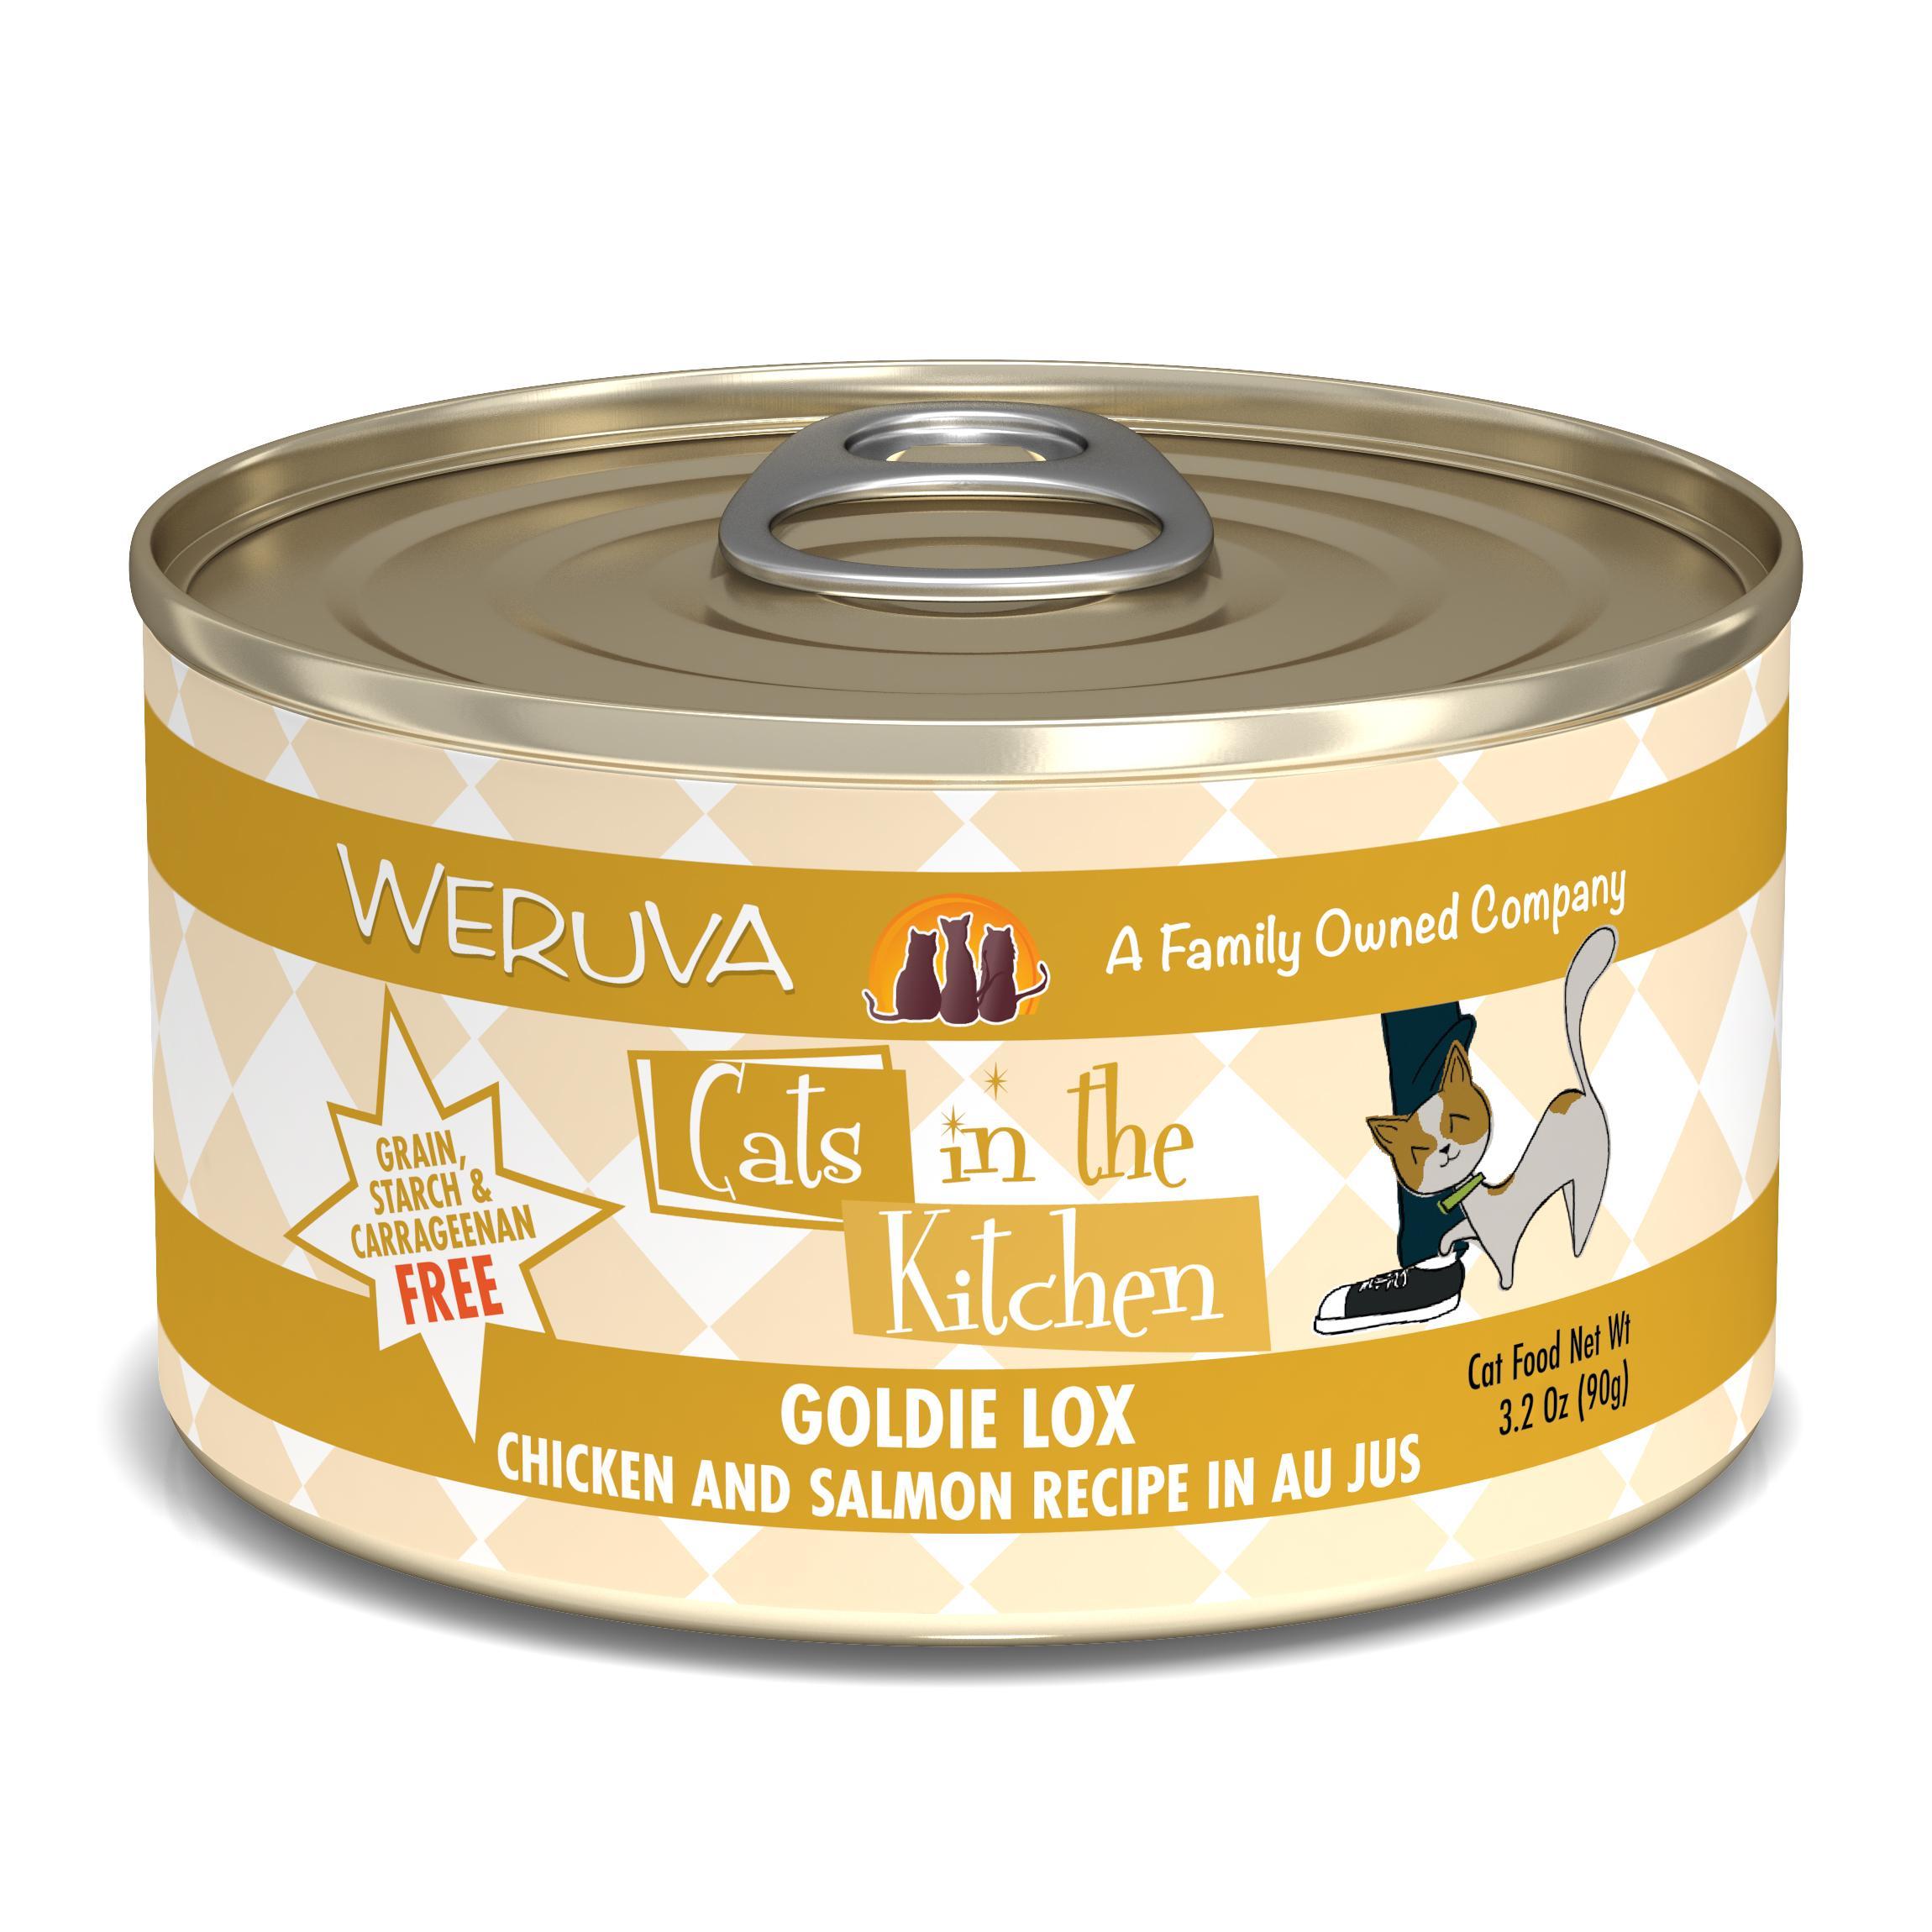 Weruva Cats in the Kitchen Goldie Lox Chicken & Salmon Au Jus Grain-Free Wet Cat Food, 3.2-oz